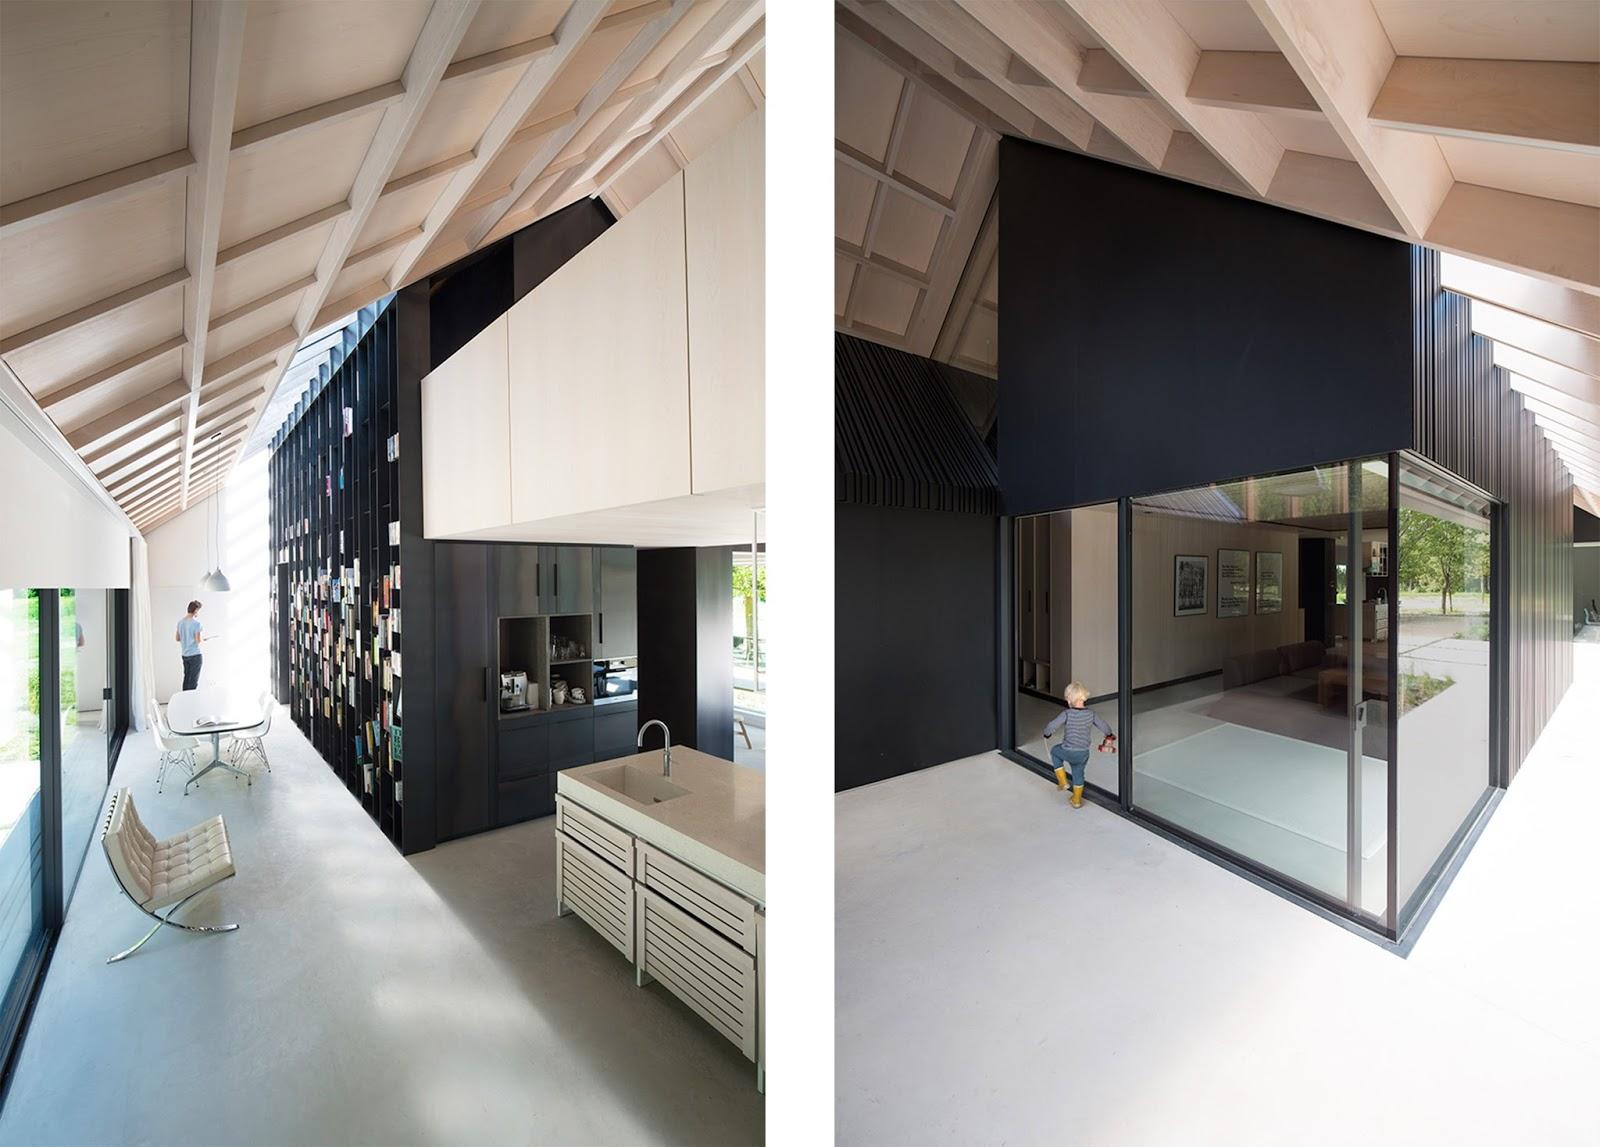 Villa schoorl a forma di tradizionale fienile olandese by for Moderni piani casa fienile